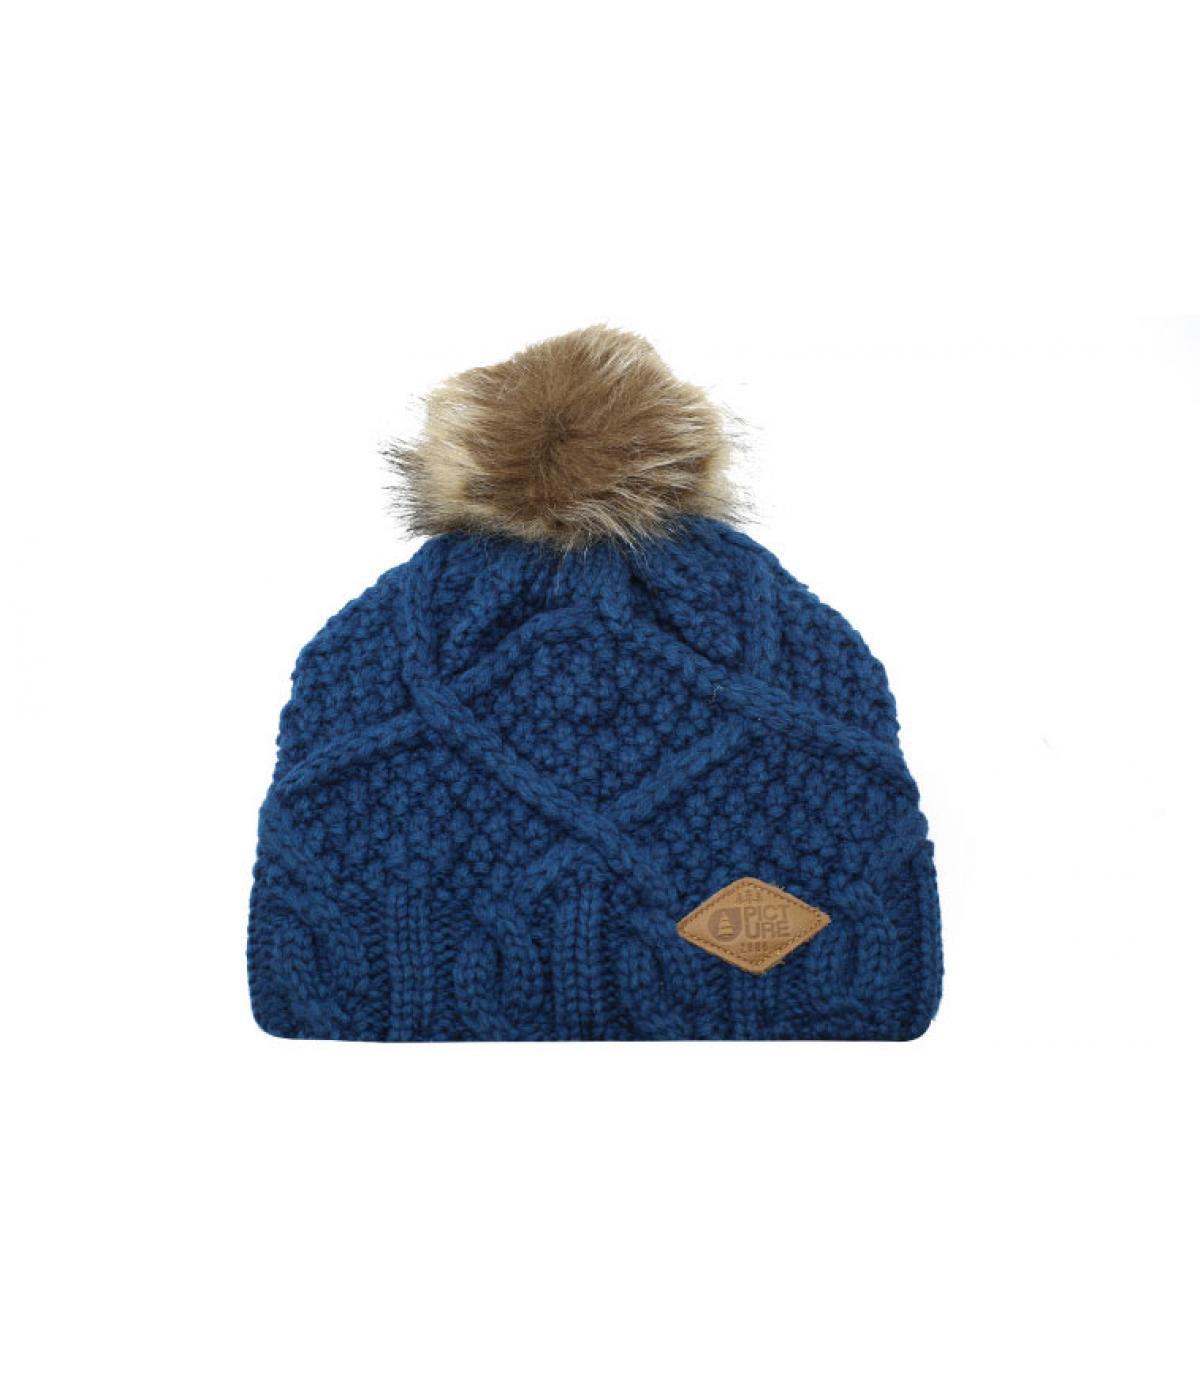 bonnet bleu pompon fourrure